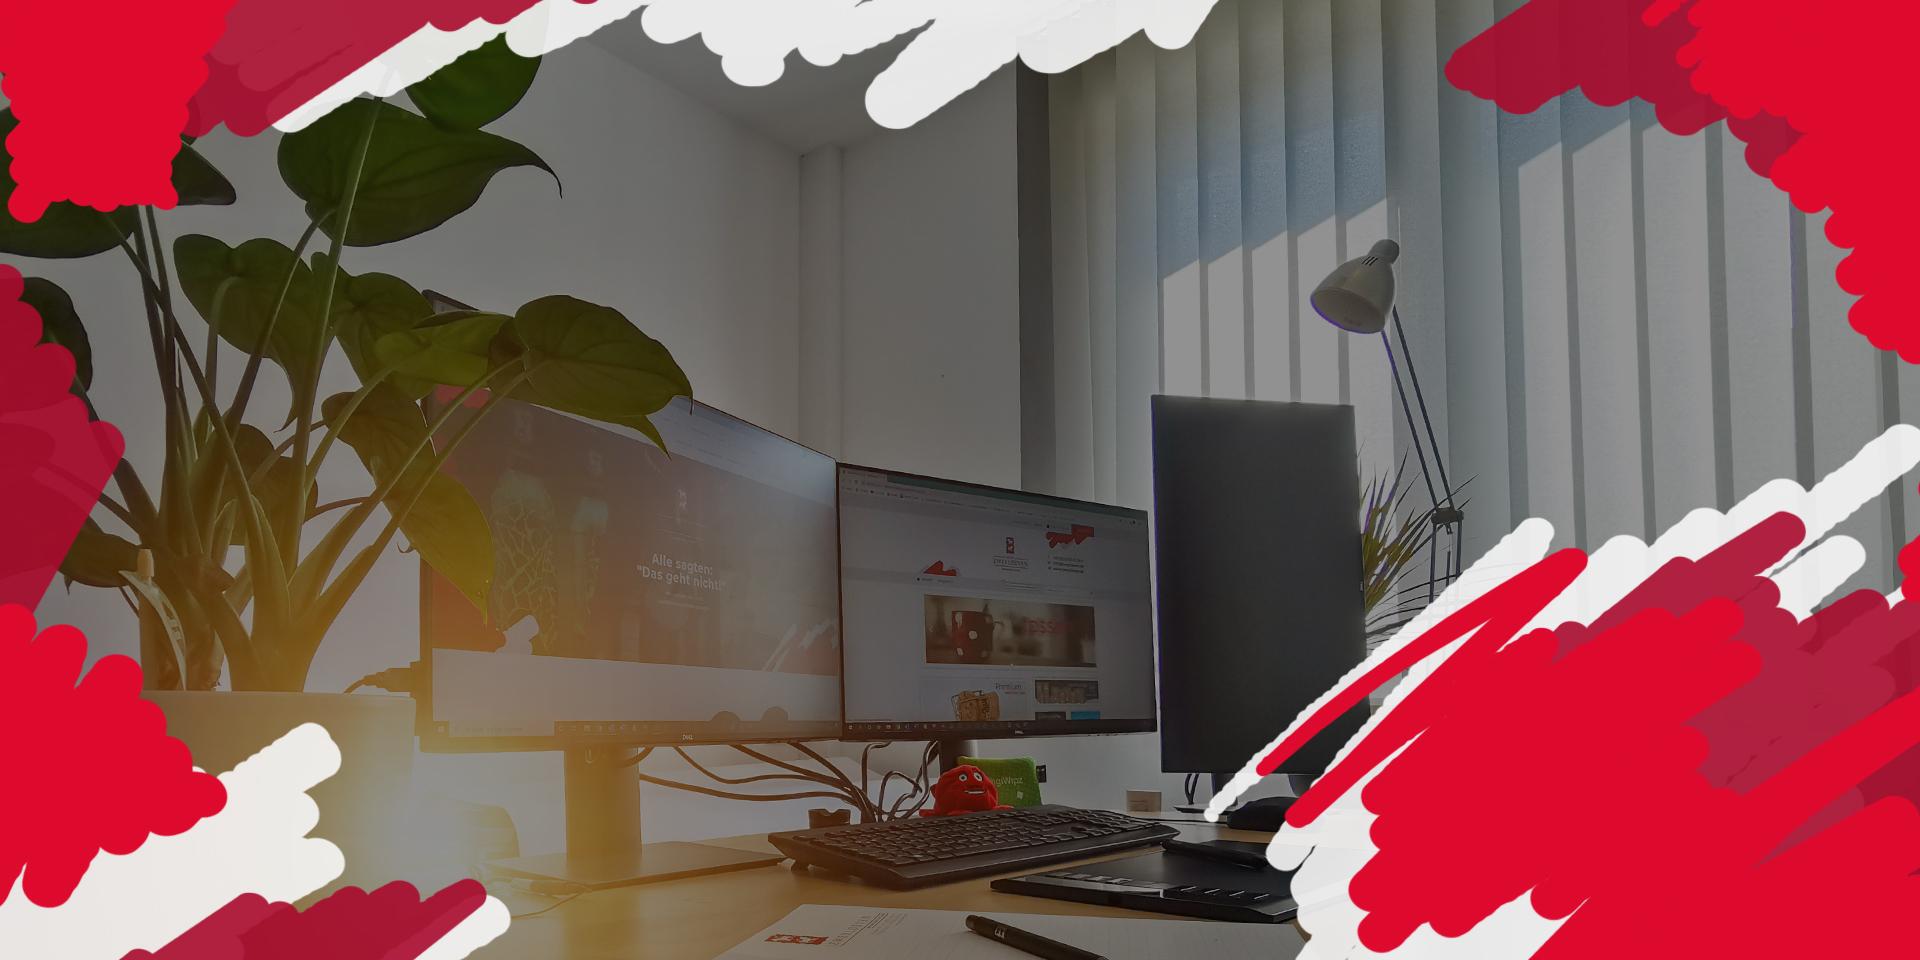 Grafikdesign - Grafikbüro - Zweyloeven Werbeproduktion GmbH